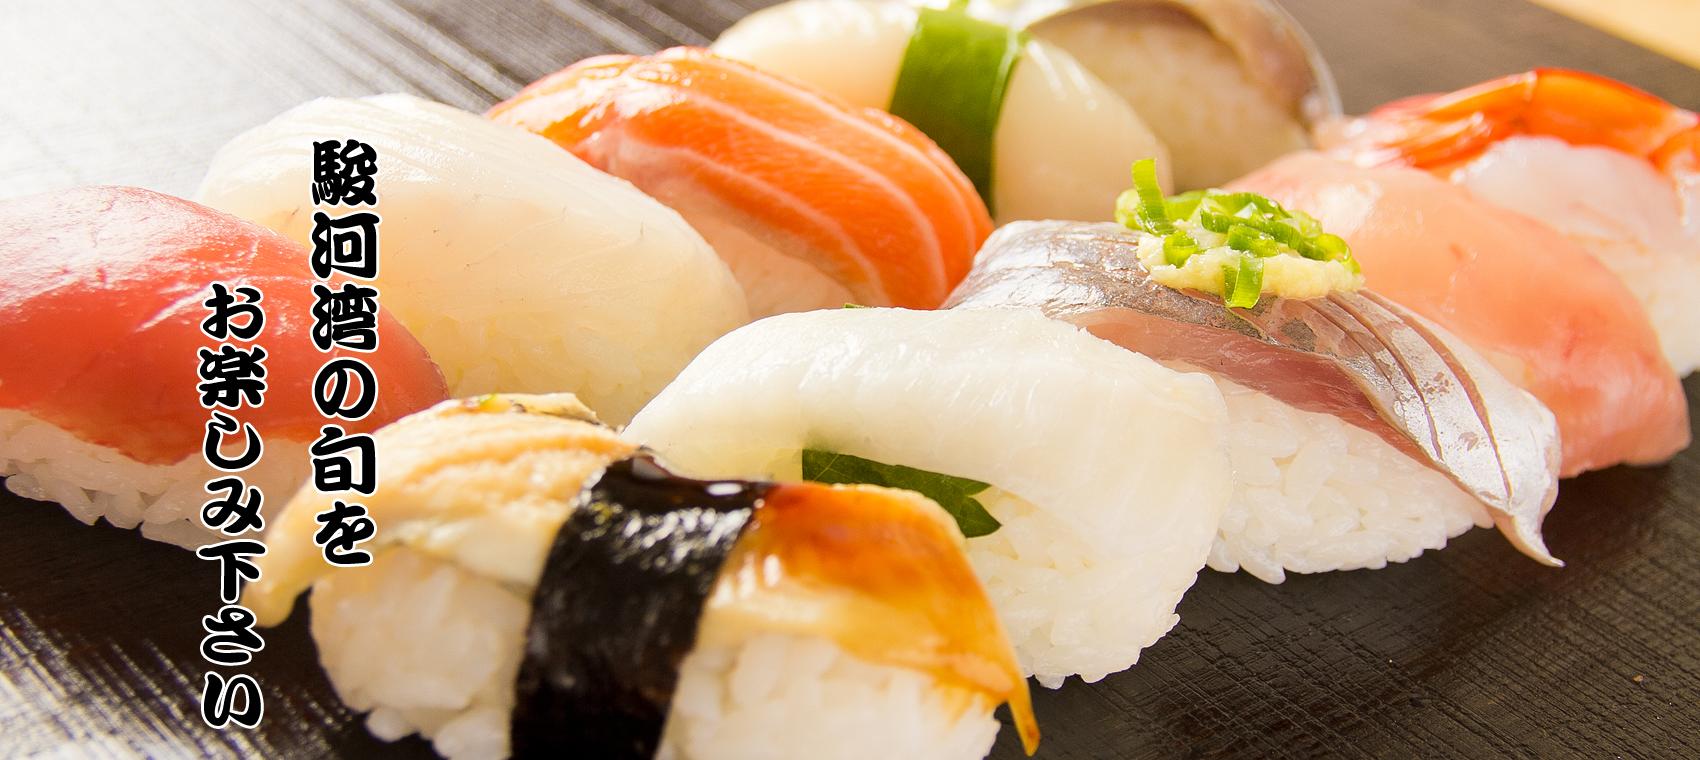 魚金ずしで駿河湾の旬の味をお楽しみ下さい